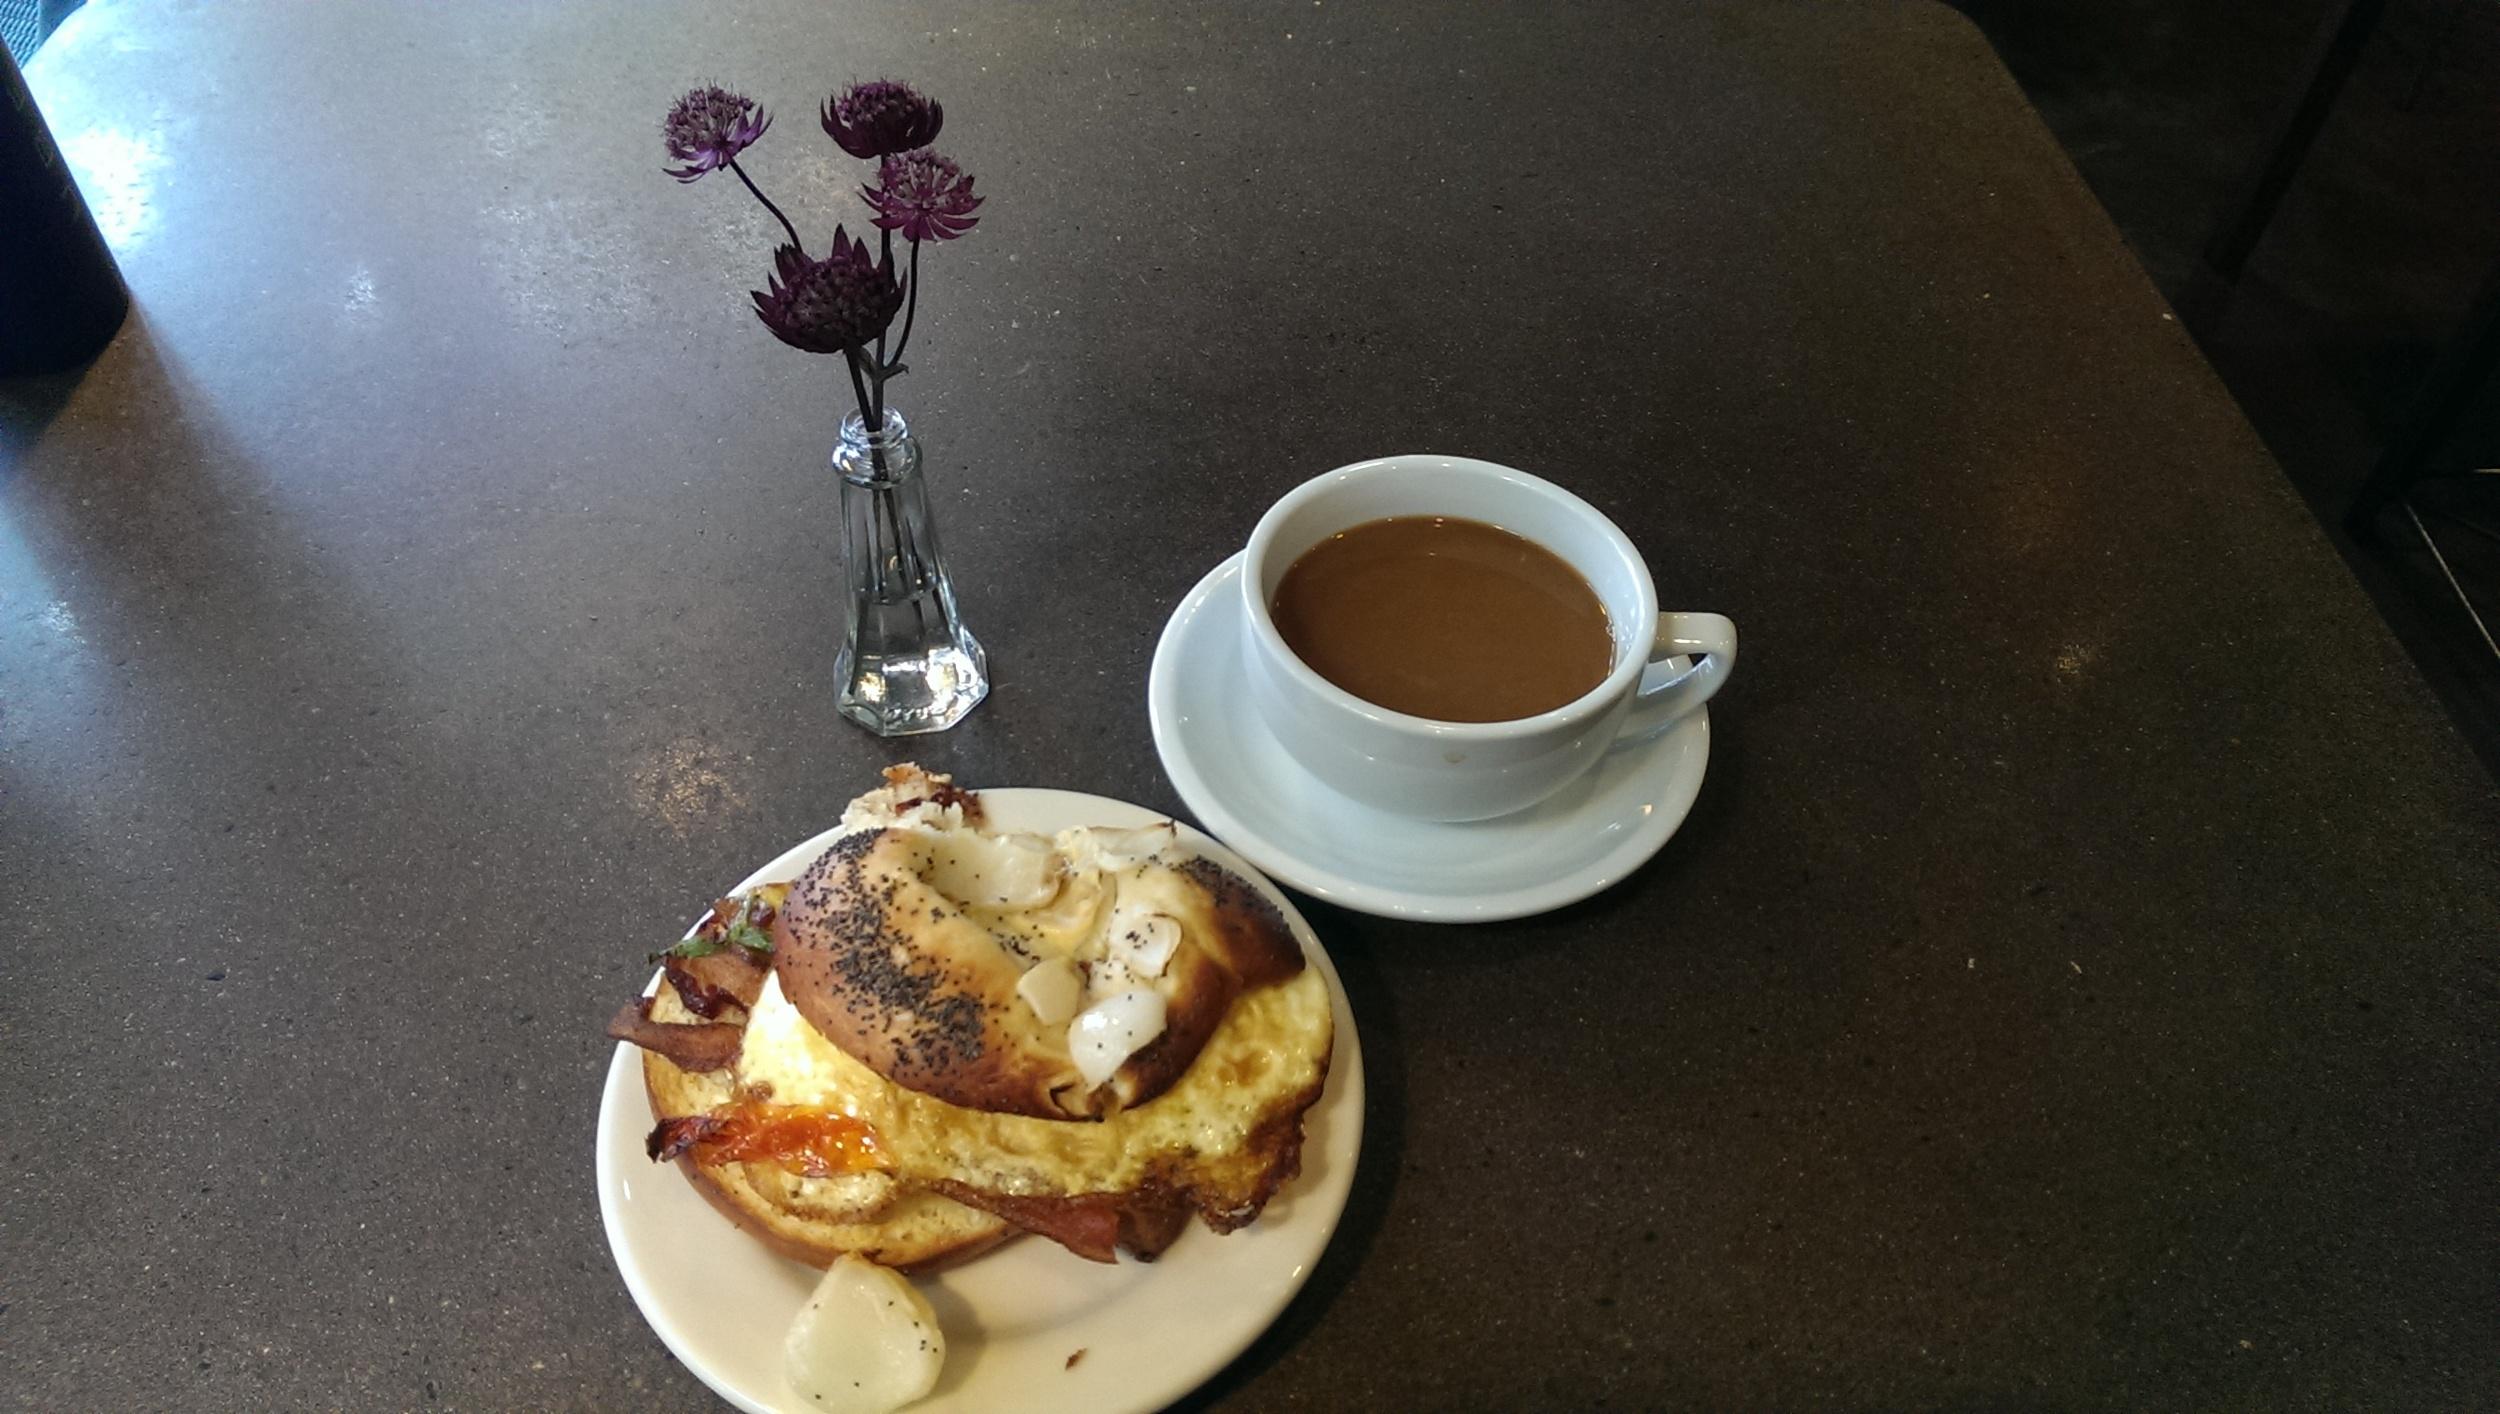 31 - Macrina Bakery Breakfast #3